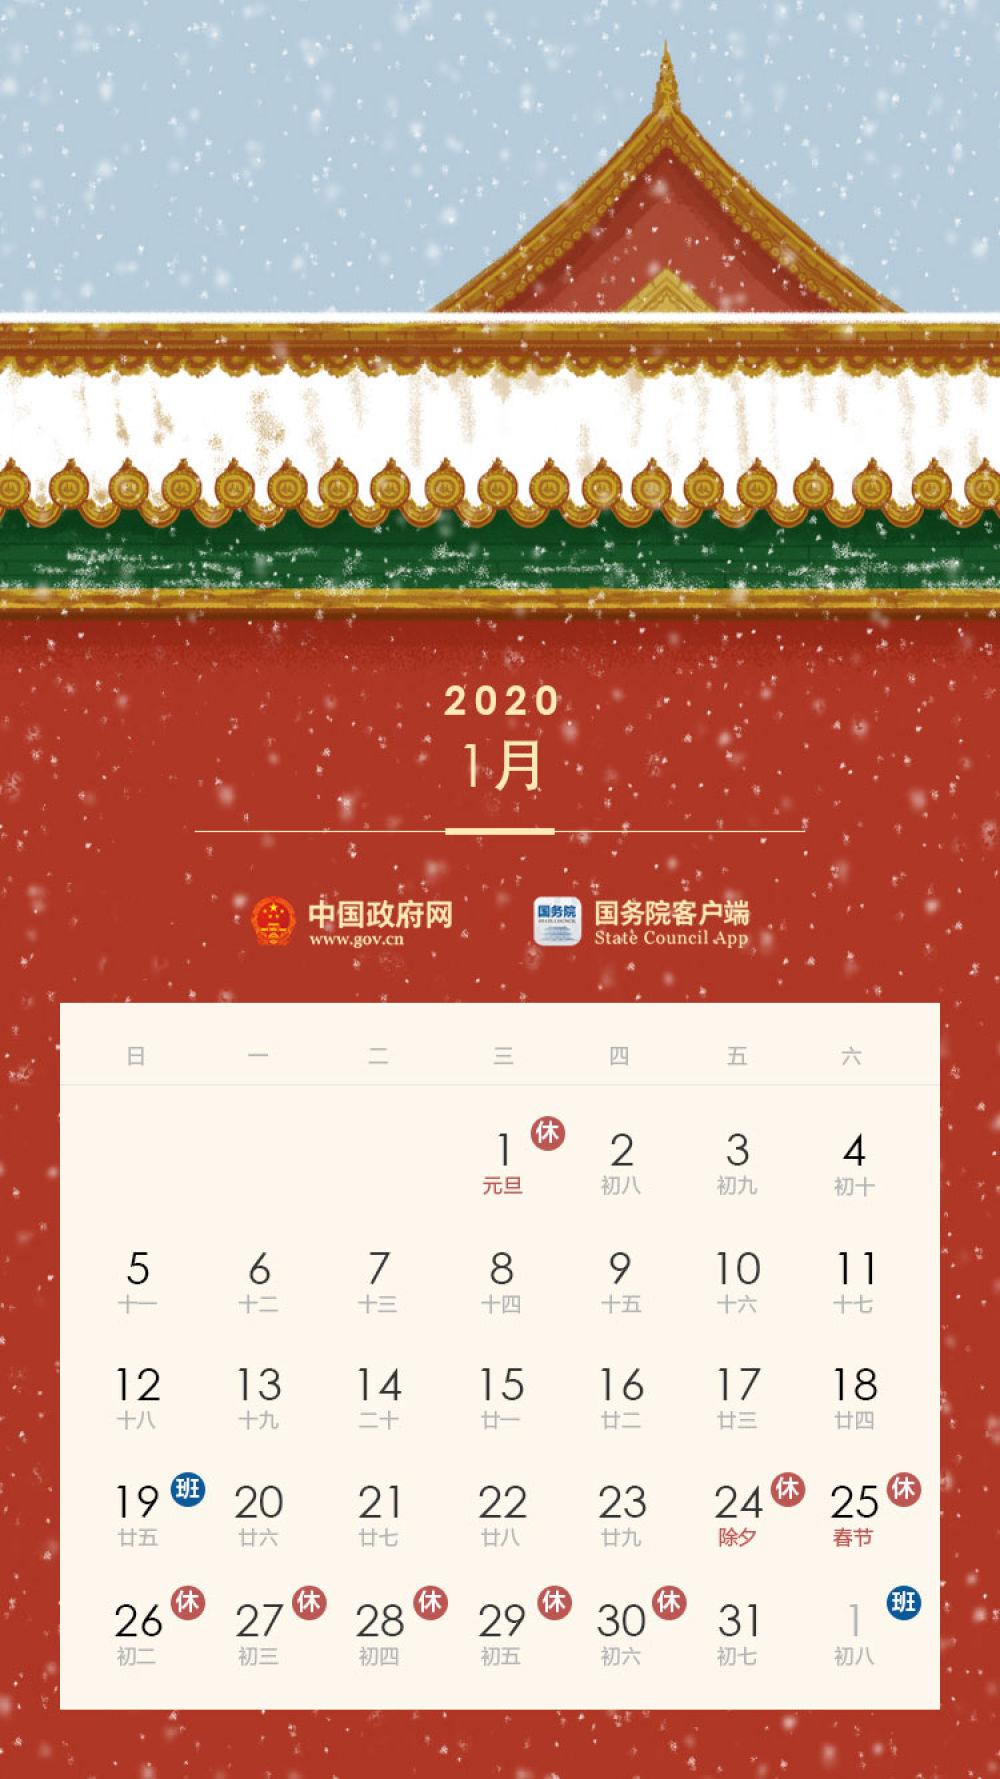 国务院办公厅关于2020年部分节假日安排的通知